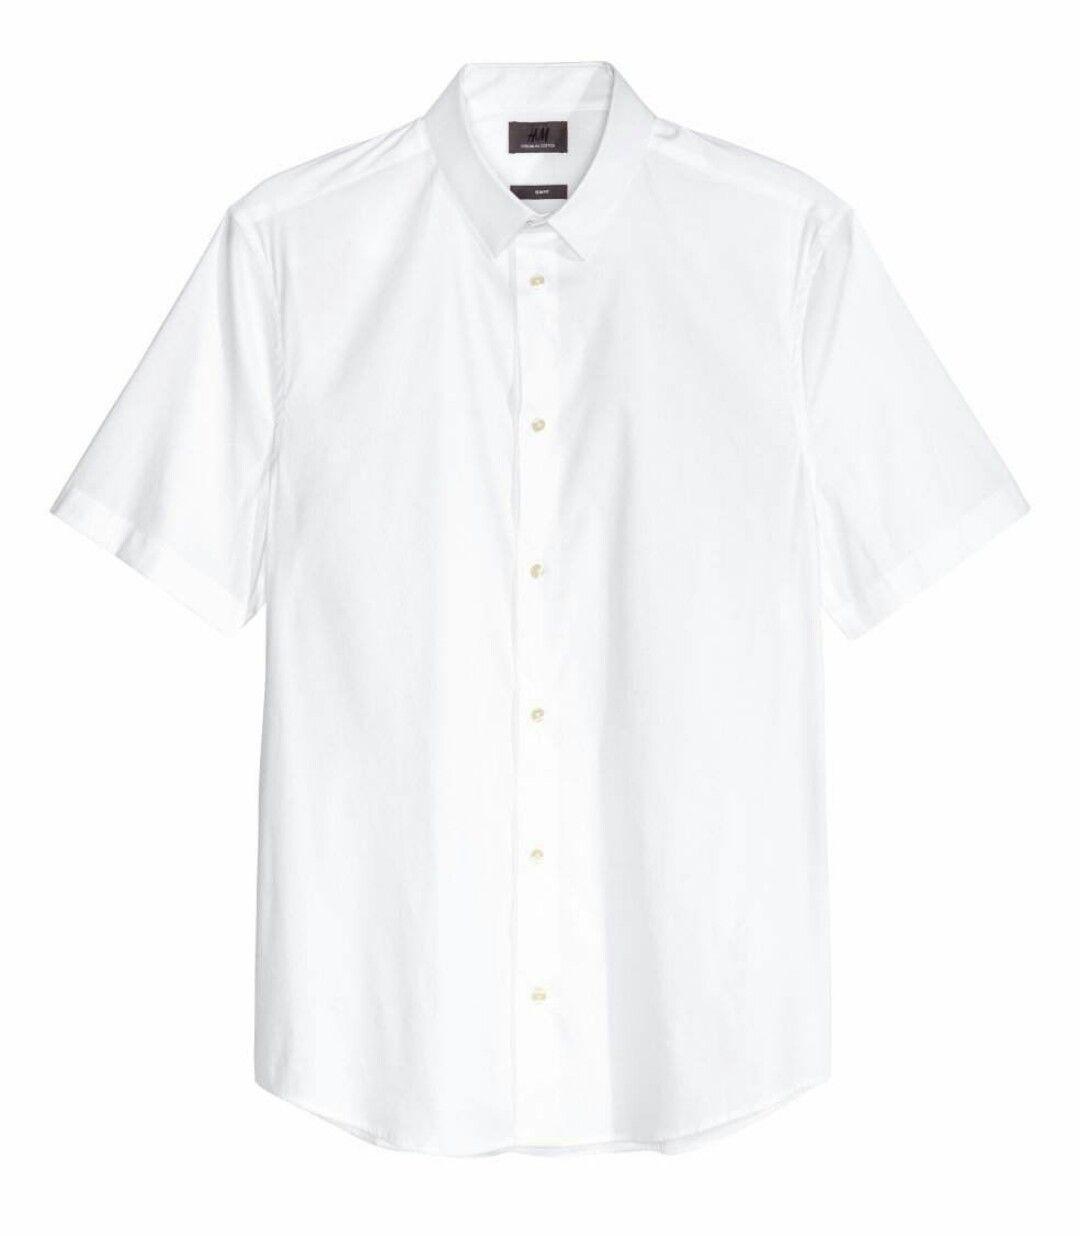 Hm short sleeve slim fit strech premium cotton dress